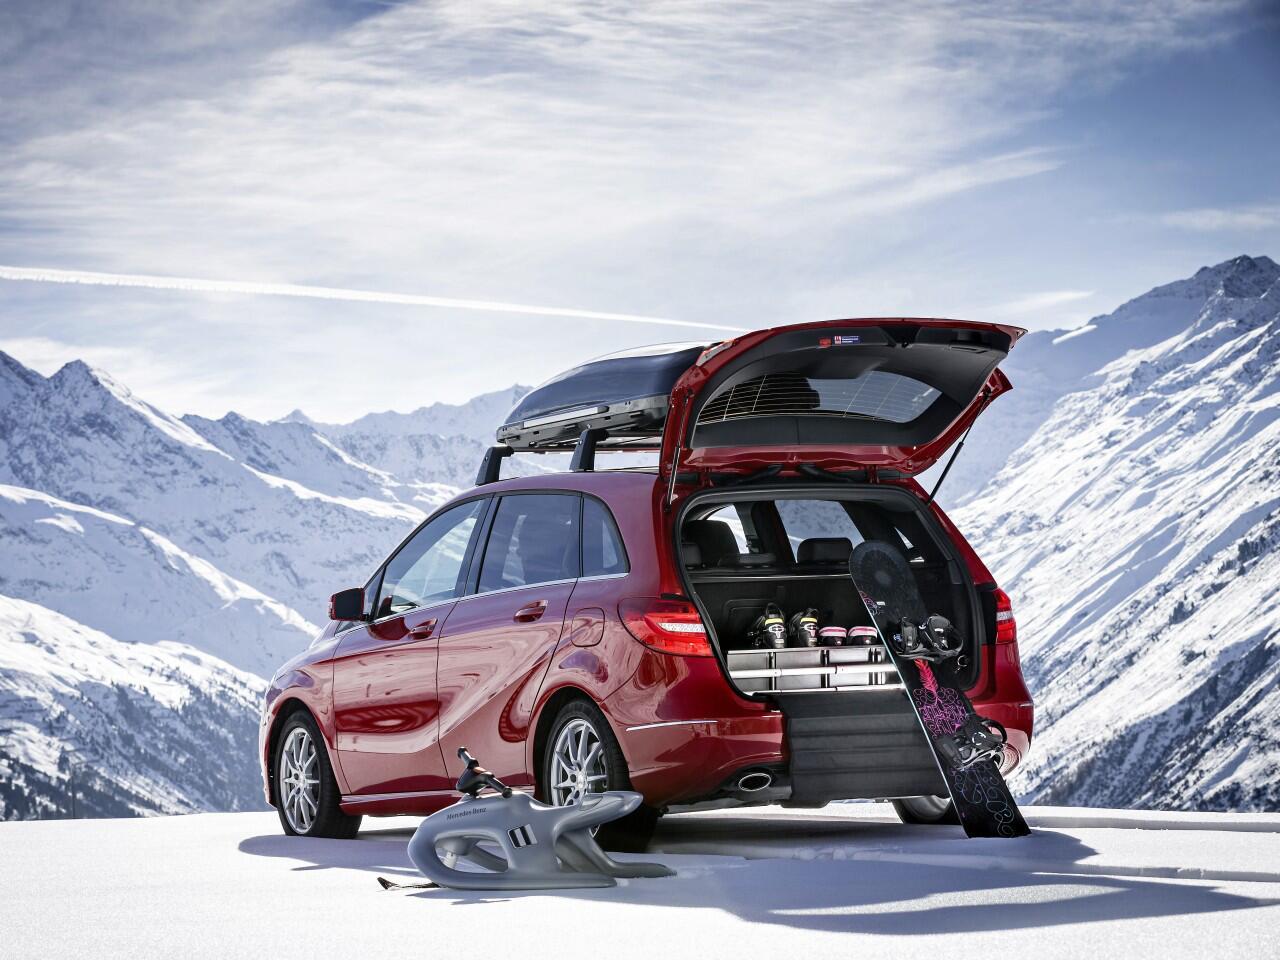 Bild zu Dachbox: Nützliches Autozubehör, aber auch großer Spritfresser